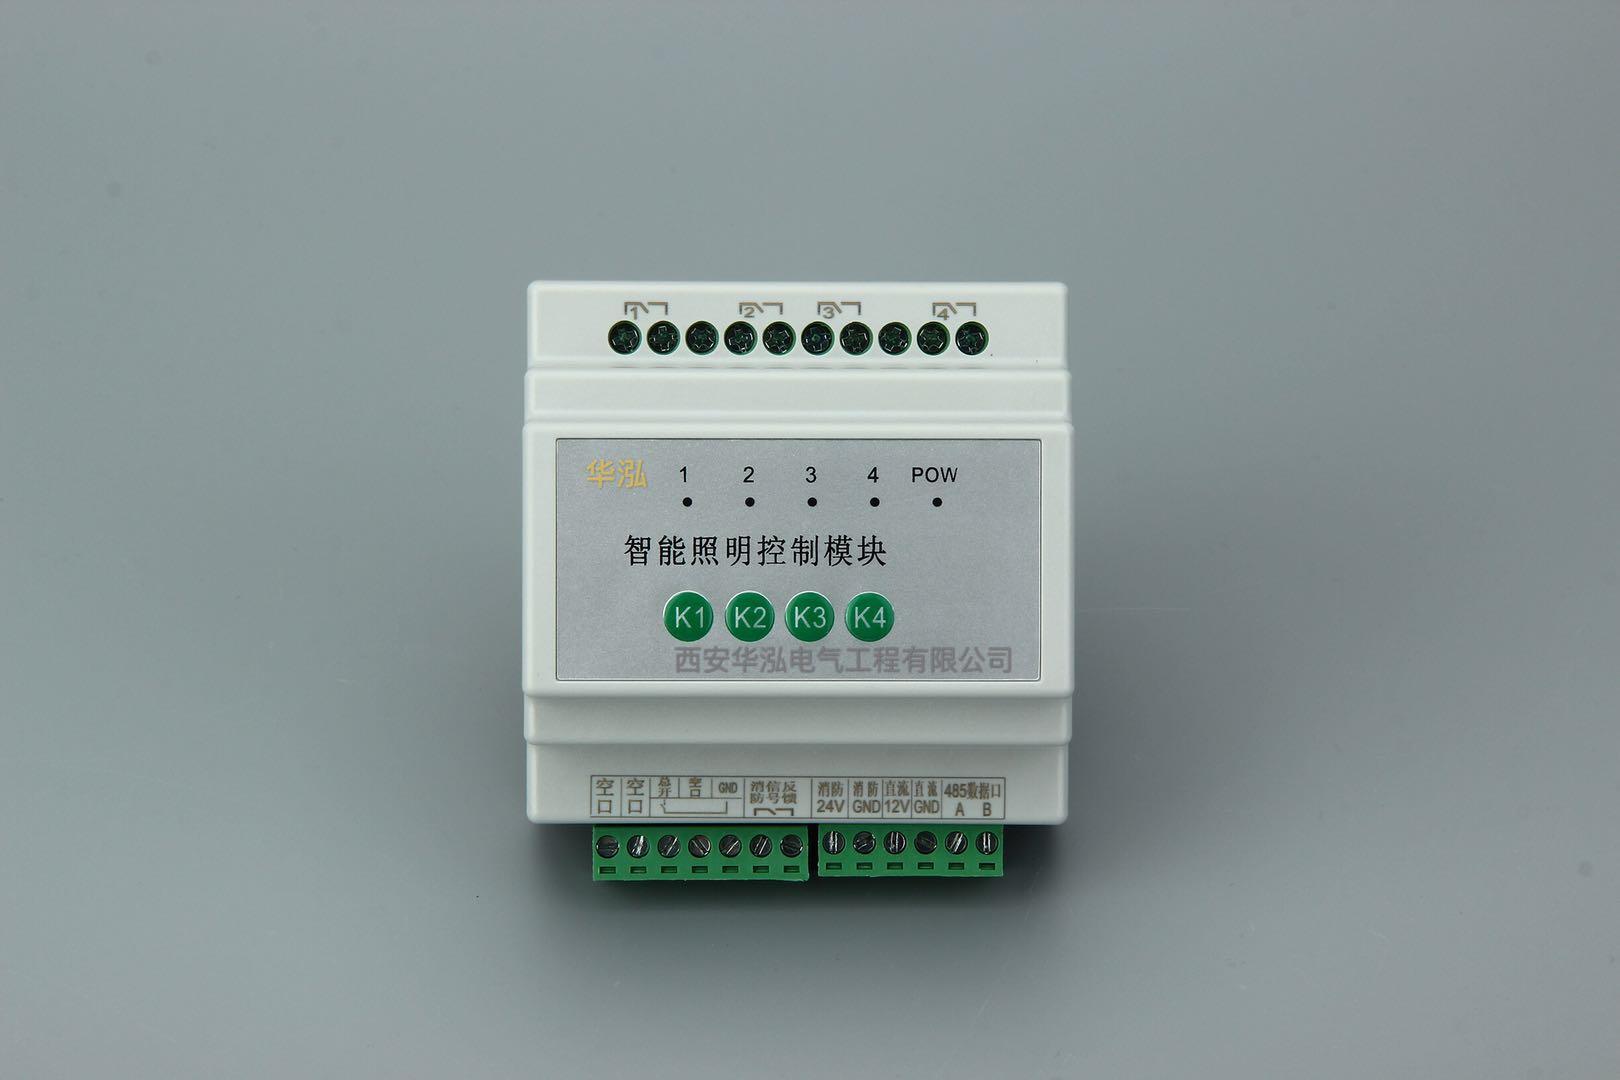 LPS640.1智能照明模块——推荐